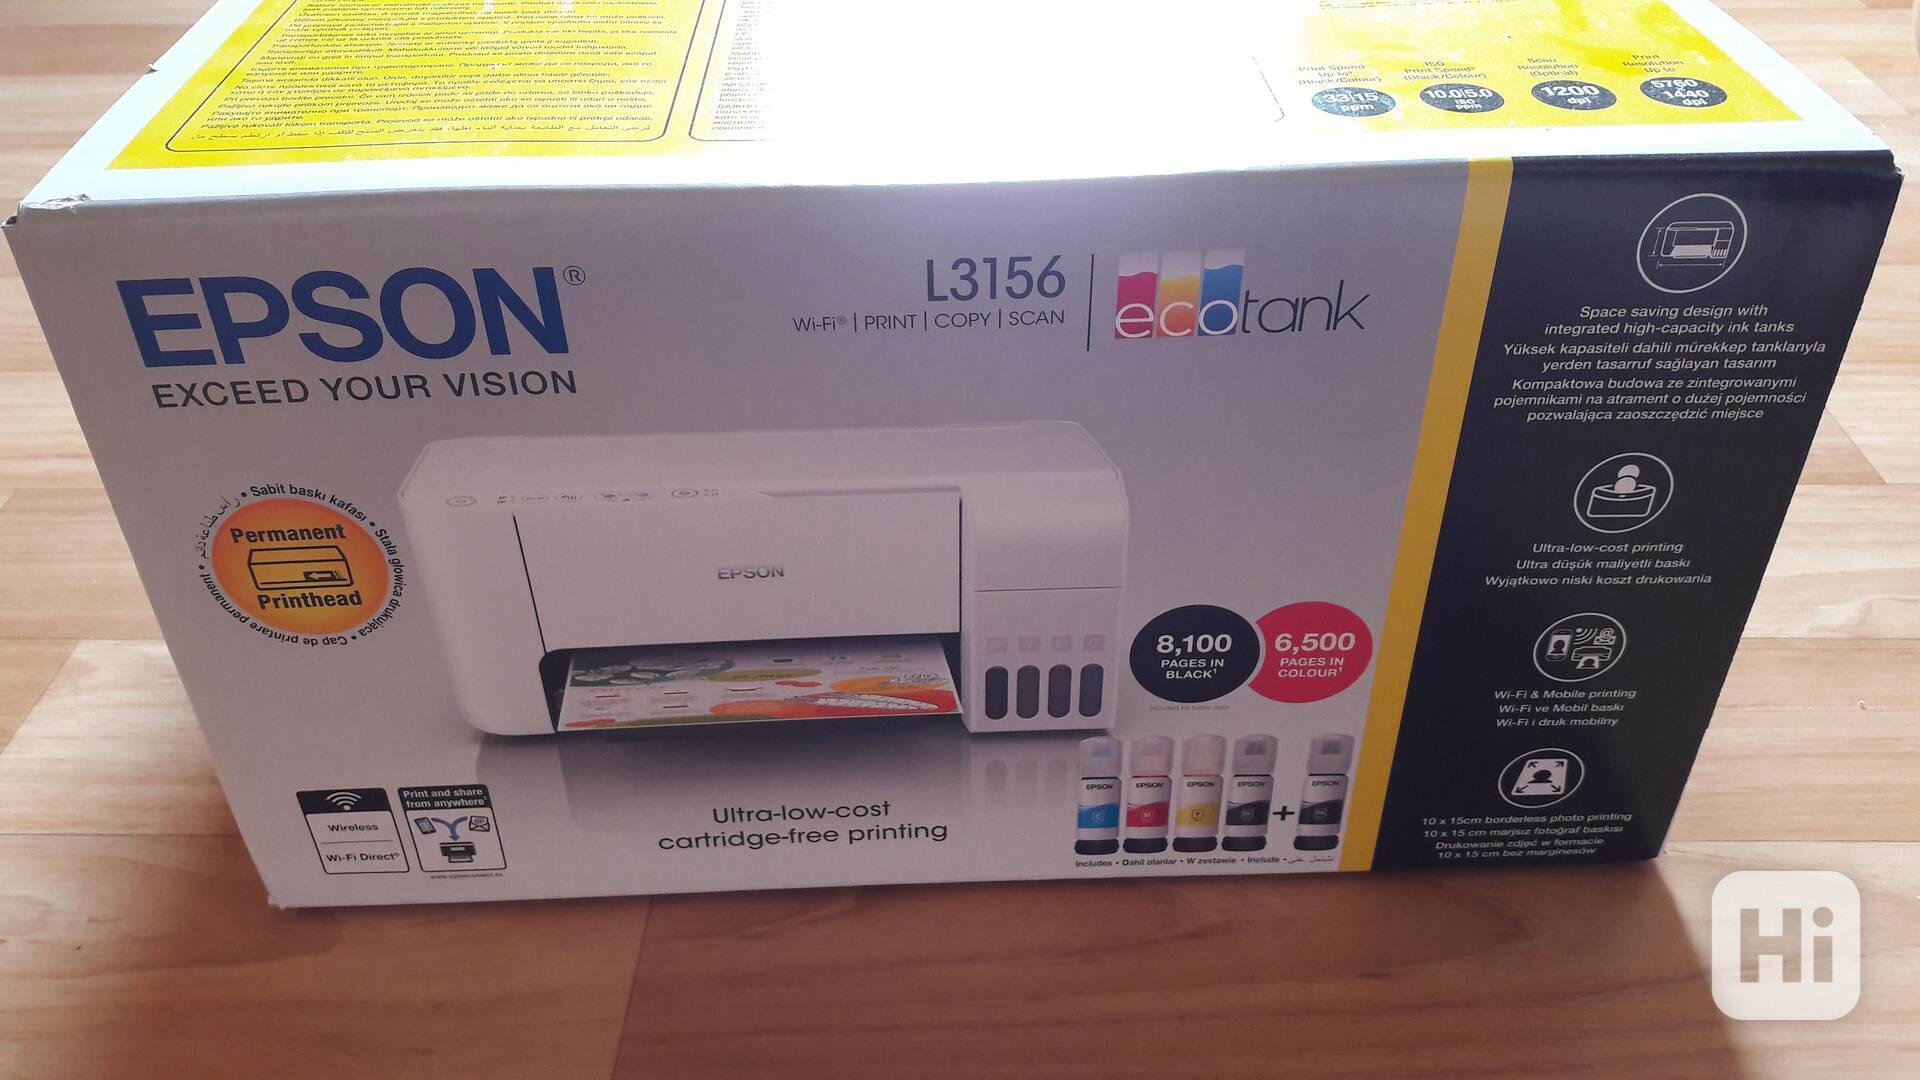 Prodám tiskárnu EPSON L3156,NOVÁ,NEROZBALENÁ,VELMI LEVN TISK - foto 1